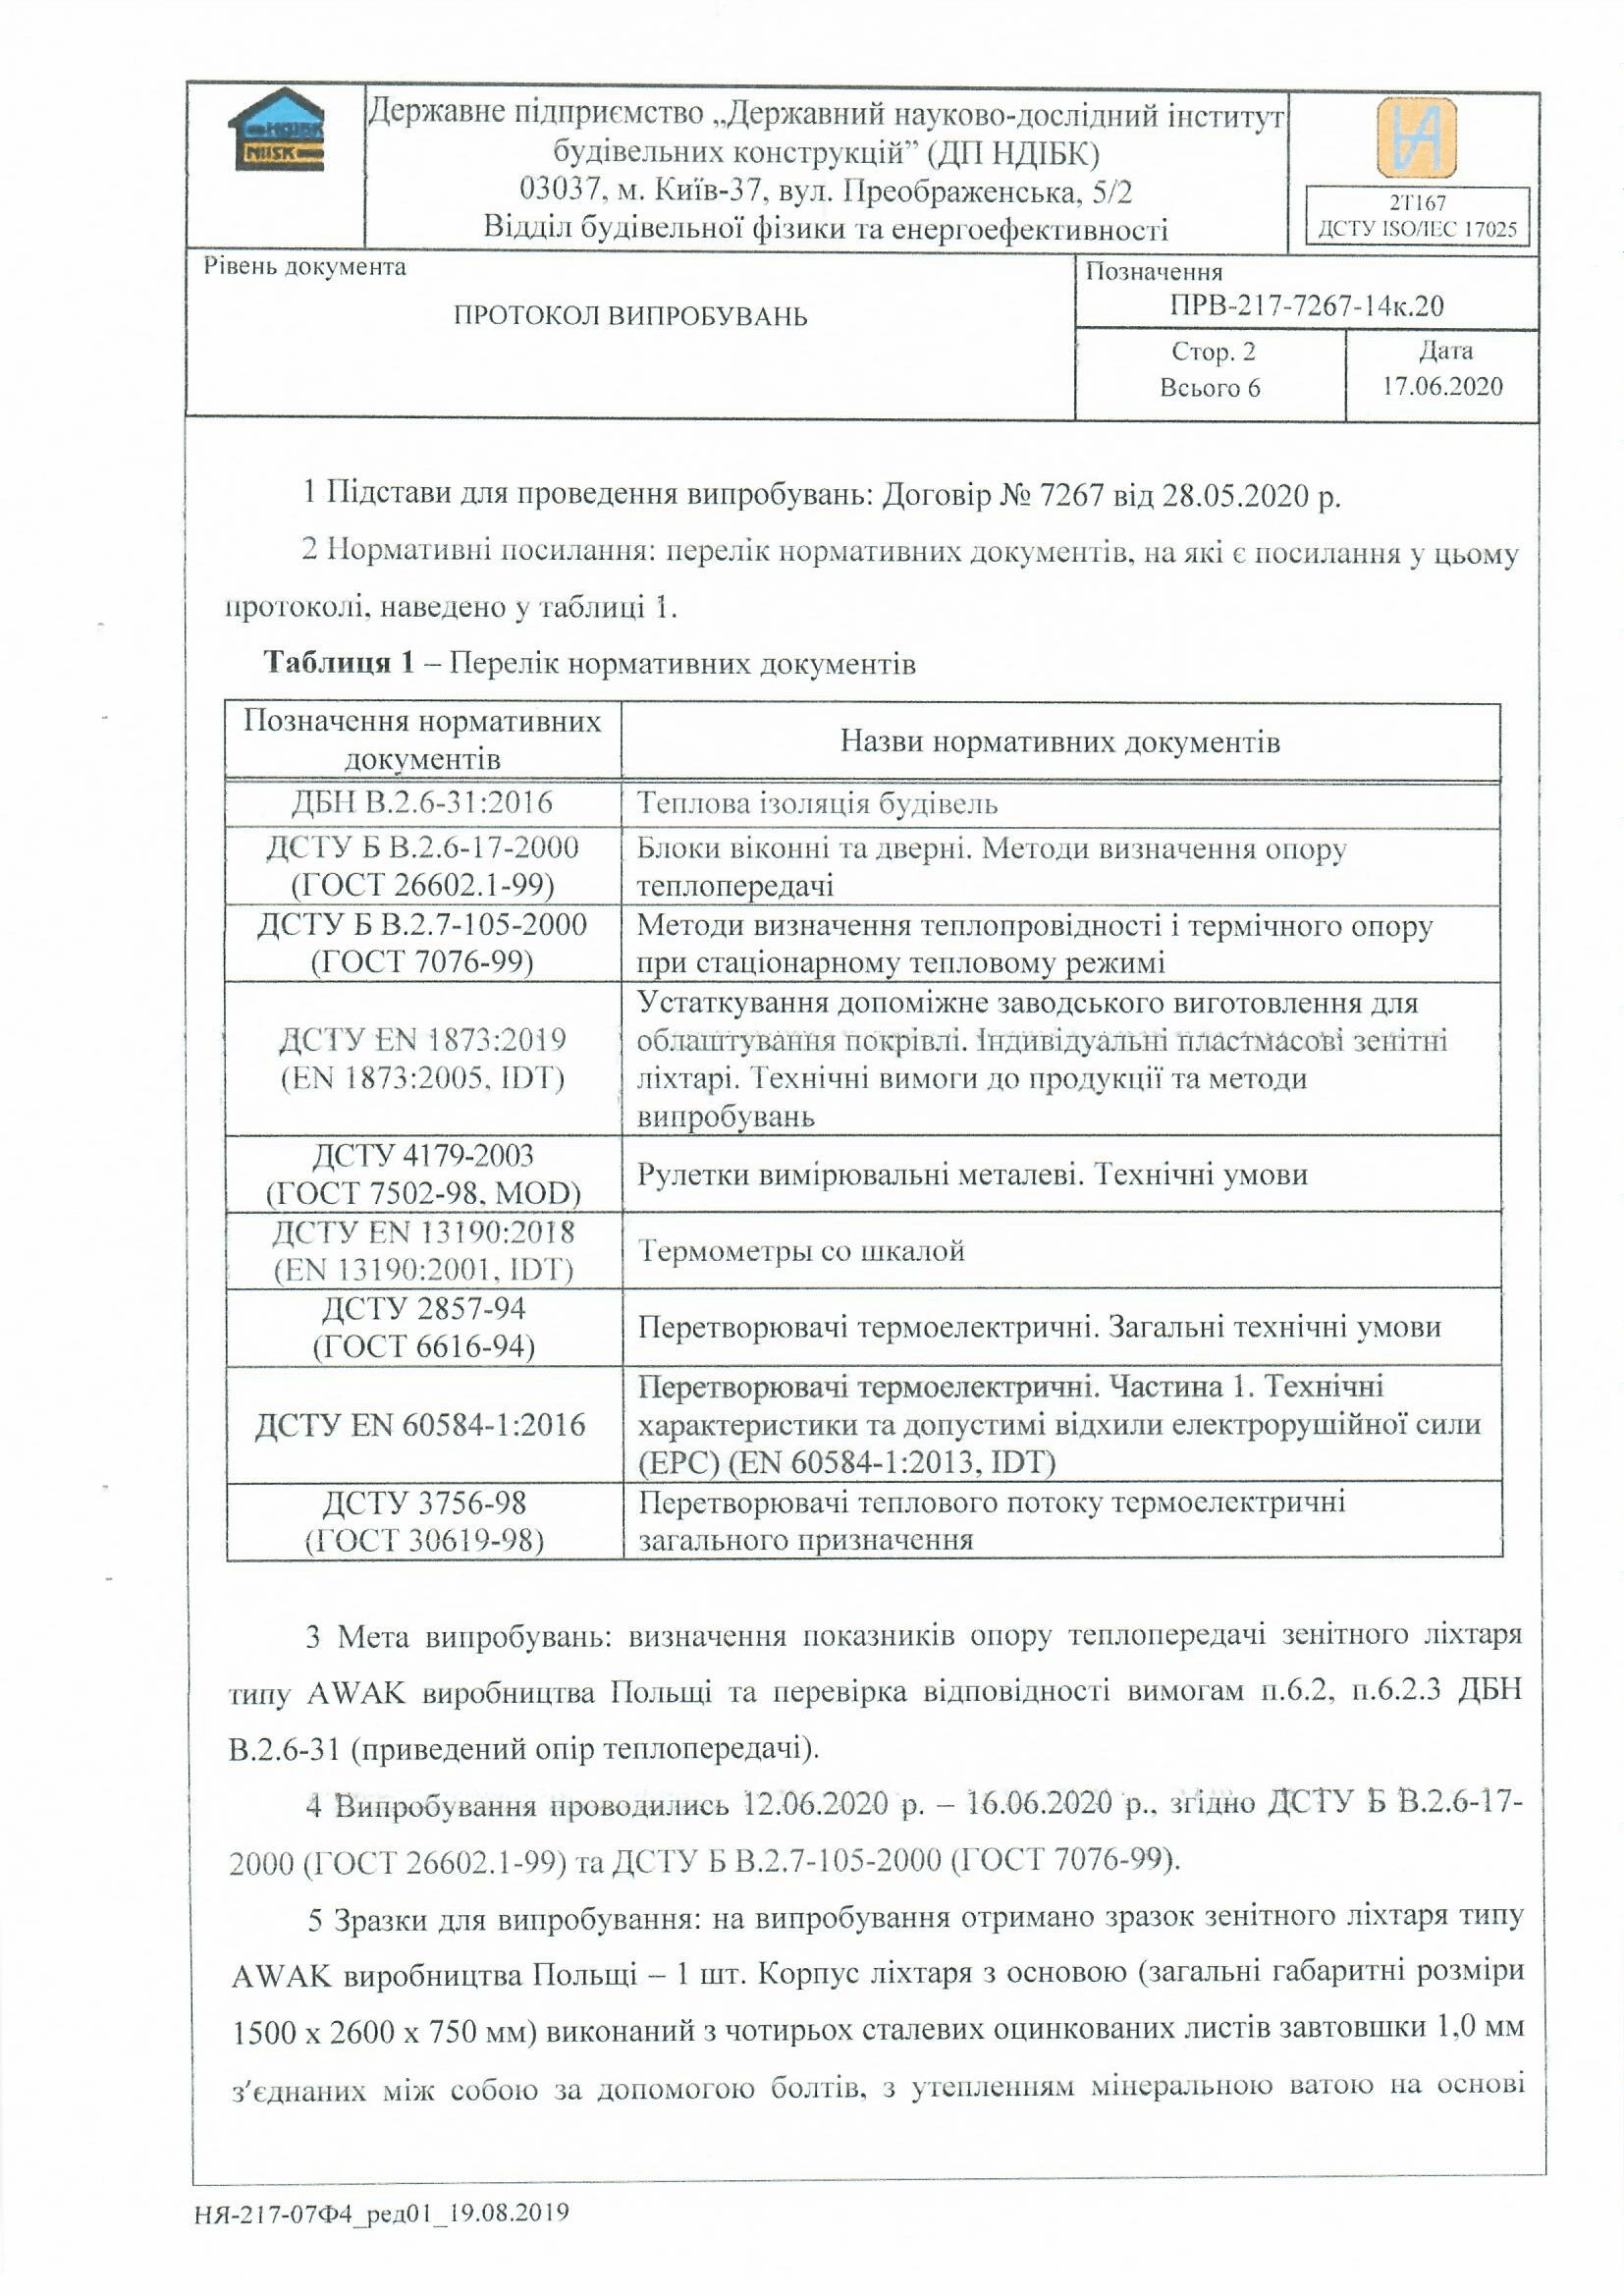 Перечень нормативных документов